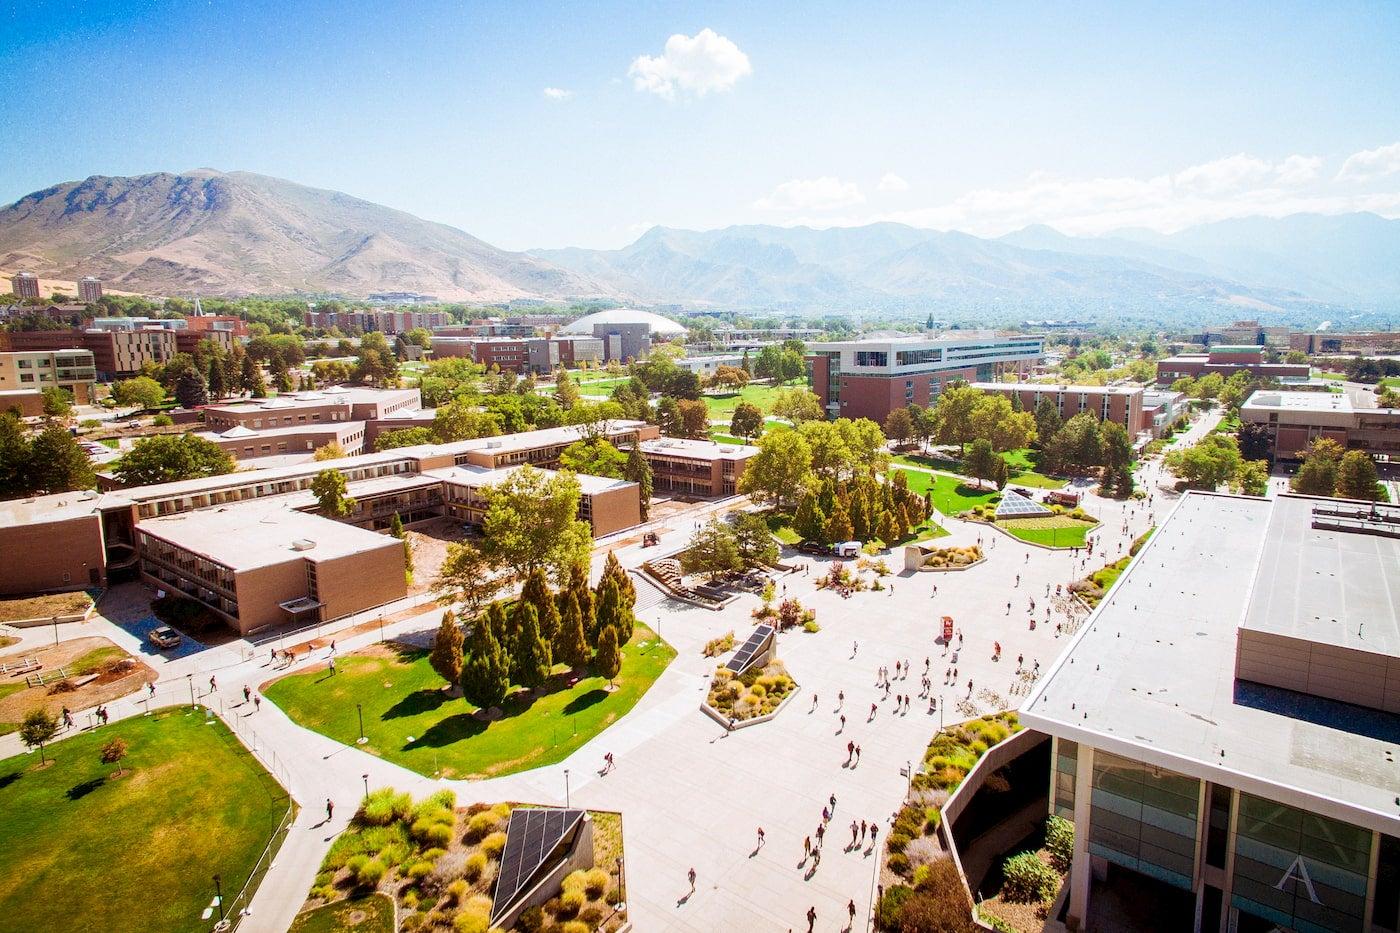 University of Utah campus in Salt Lake City.